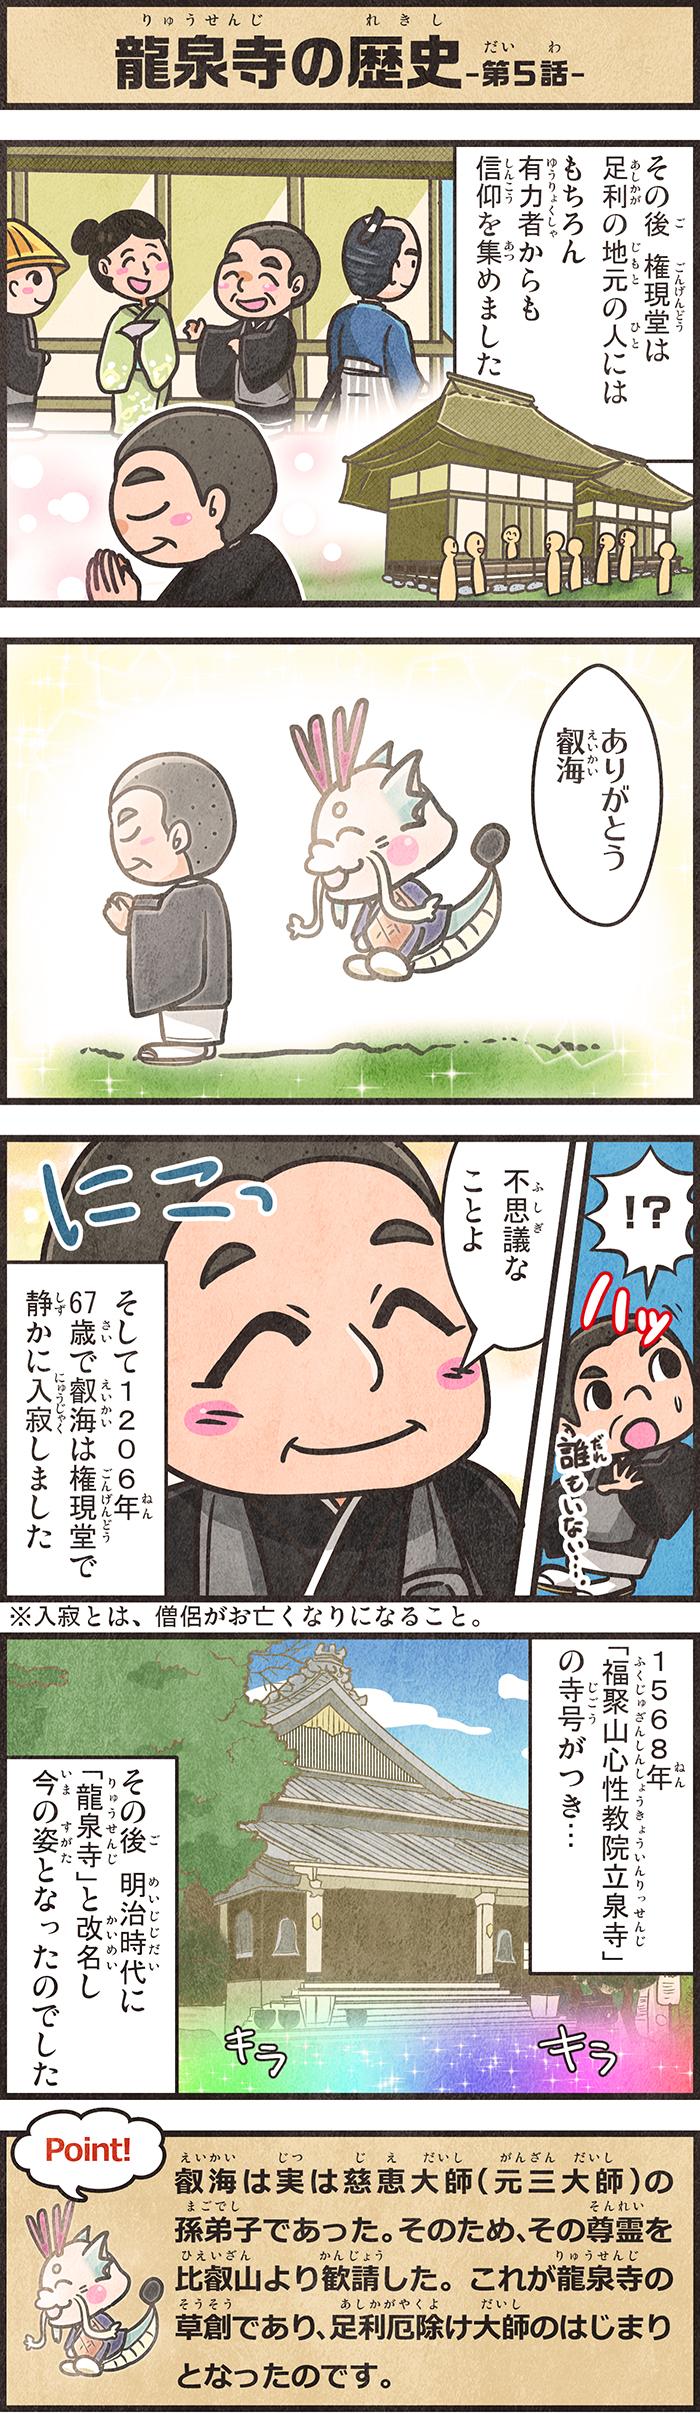 181030_kotatsu_4koma_35